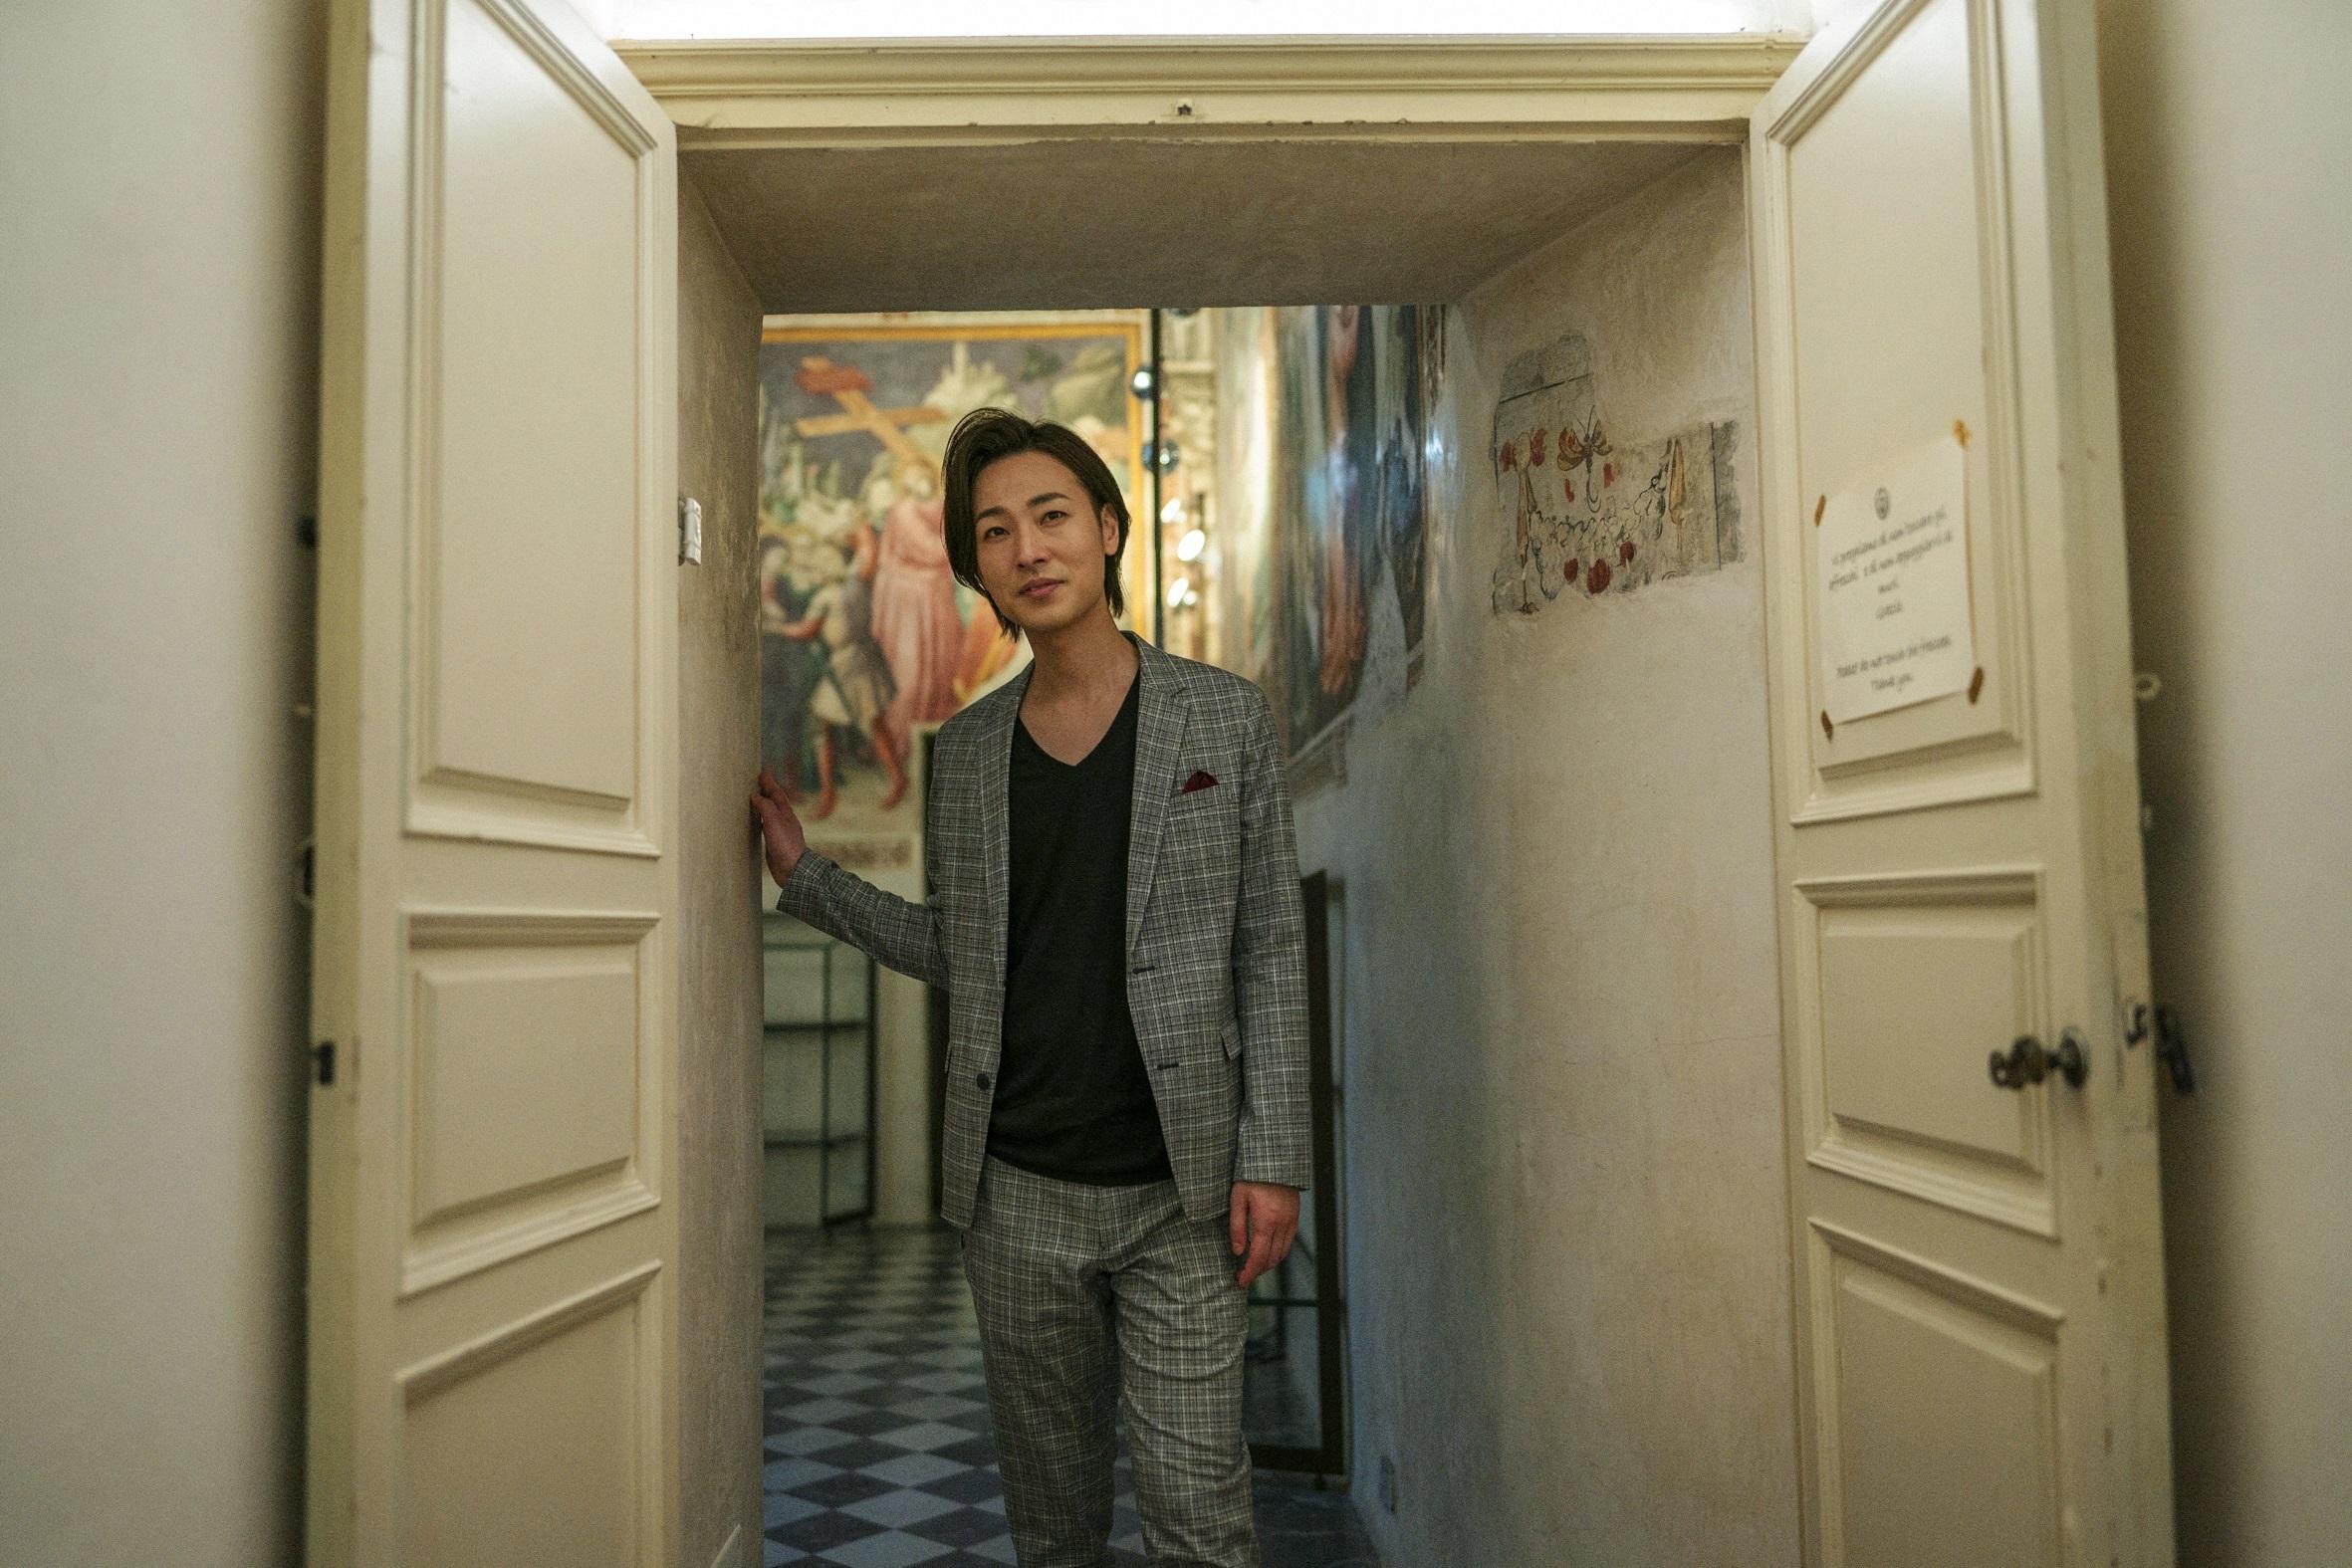 山内惠介 写真:本間寛 (C)三井エージェンシー、 主婦の友社